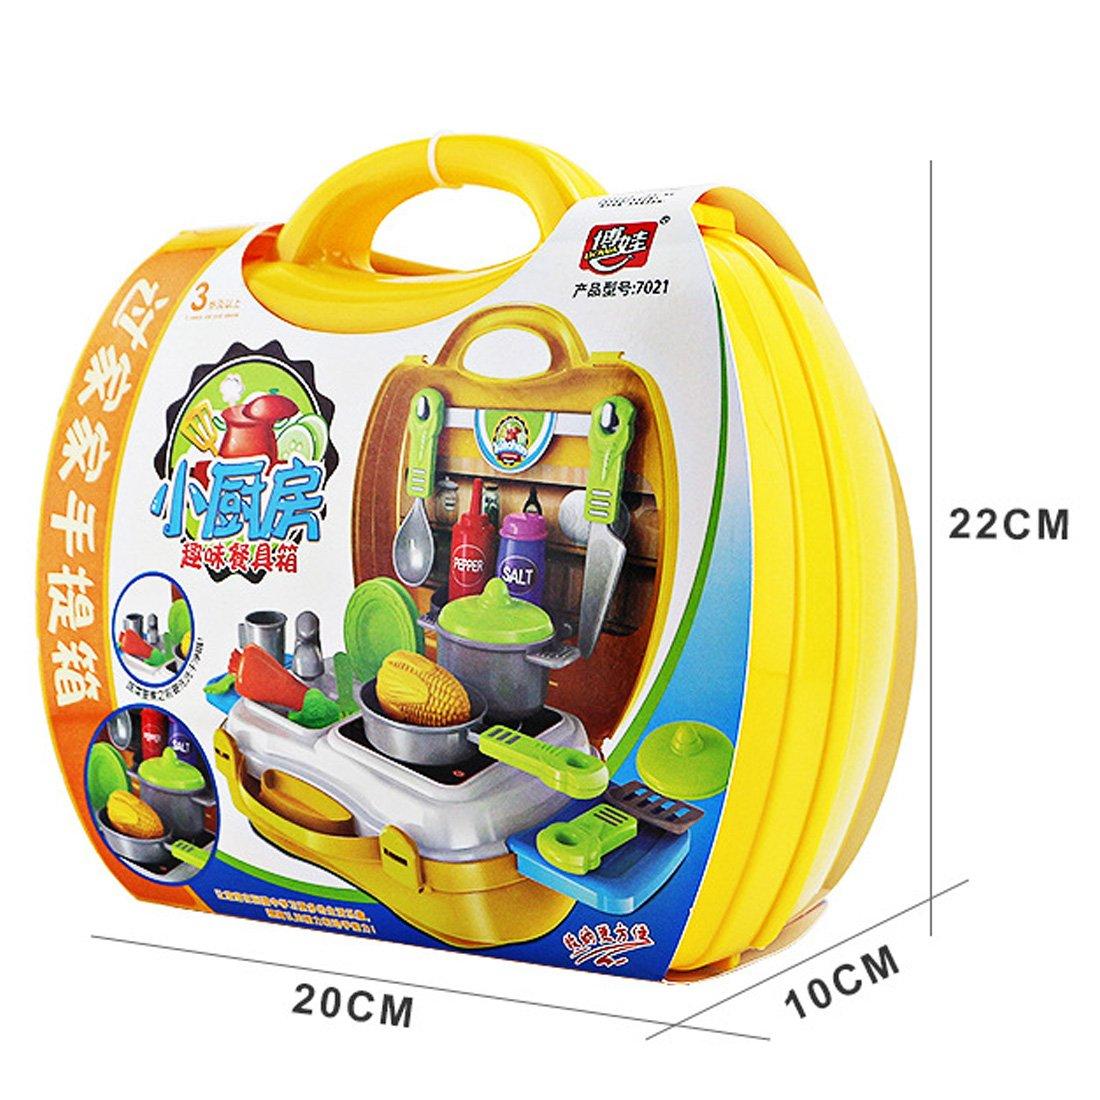 Juguete de Cocina para Niñas, JIMS STORE Cocina Juguetes 26 piezas Juegos de rol para niños: Amazon.es: Juguetes y juegos